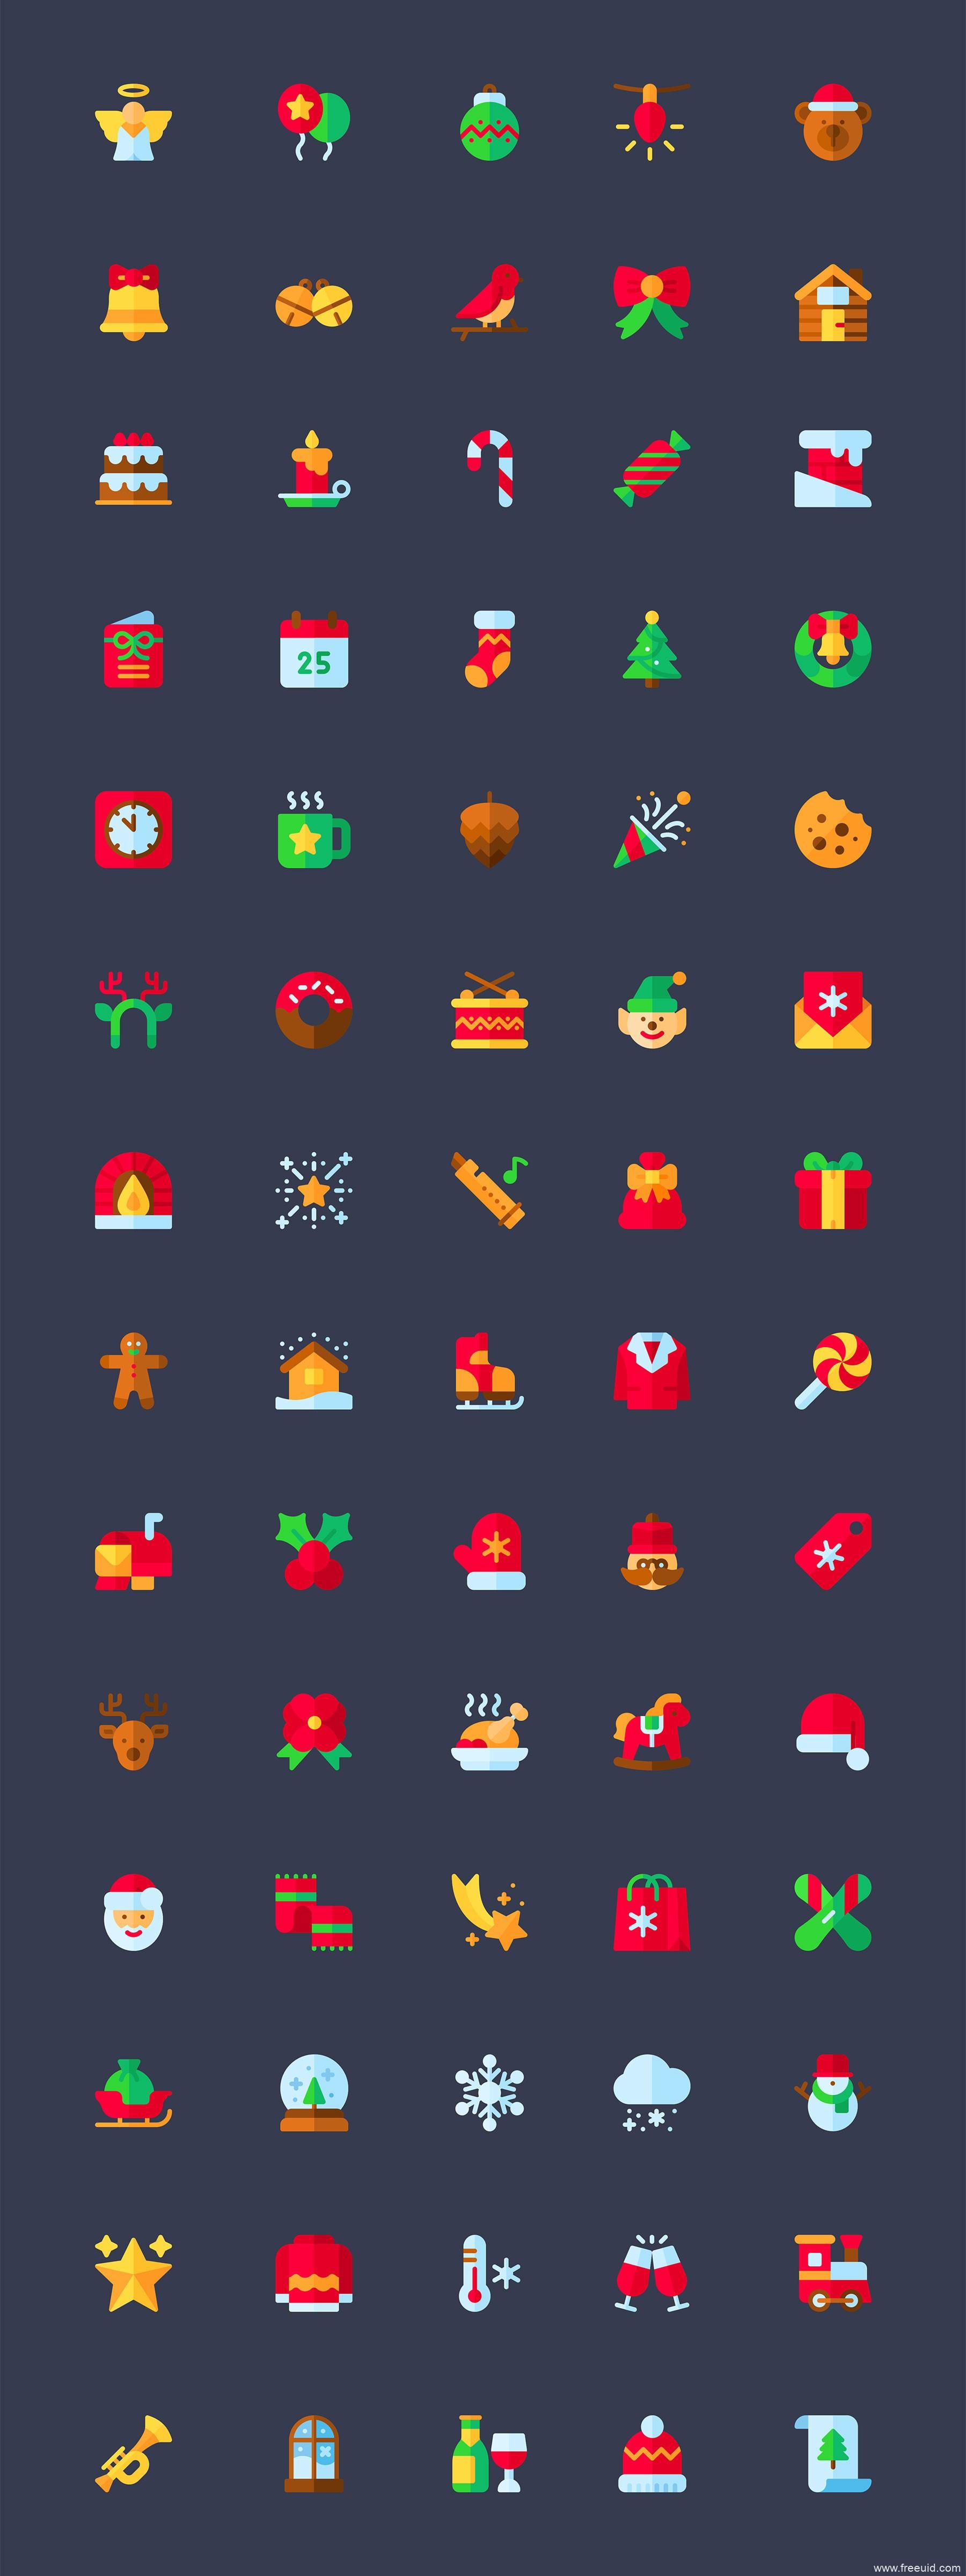 70 枚扁平圣诞节图标、圣诞节元素源文件下载